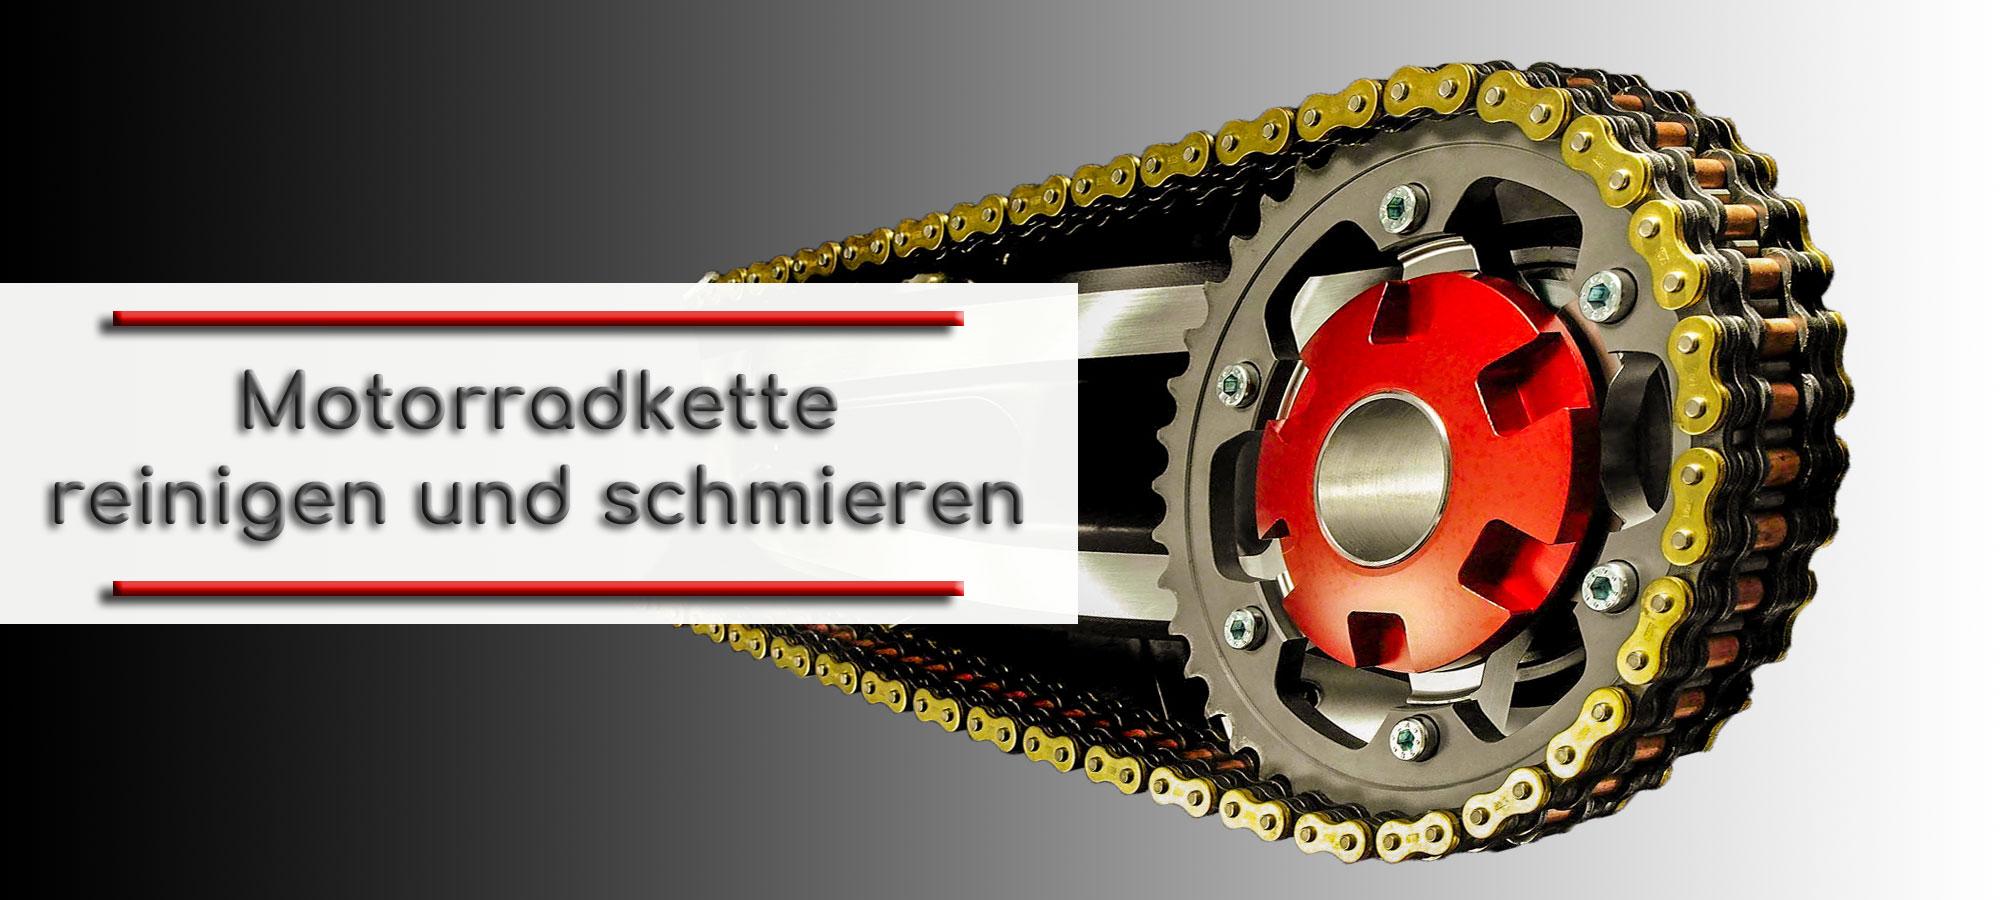 Kettenblatt eines Motorrades mit roter Zentralmutter. Um das Kettenblatt laeuft eine goldene Motorradkette. Im Textfeld steht geschrieben: Motorradkette reinigen und schmieren.